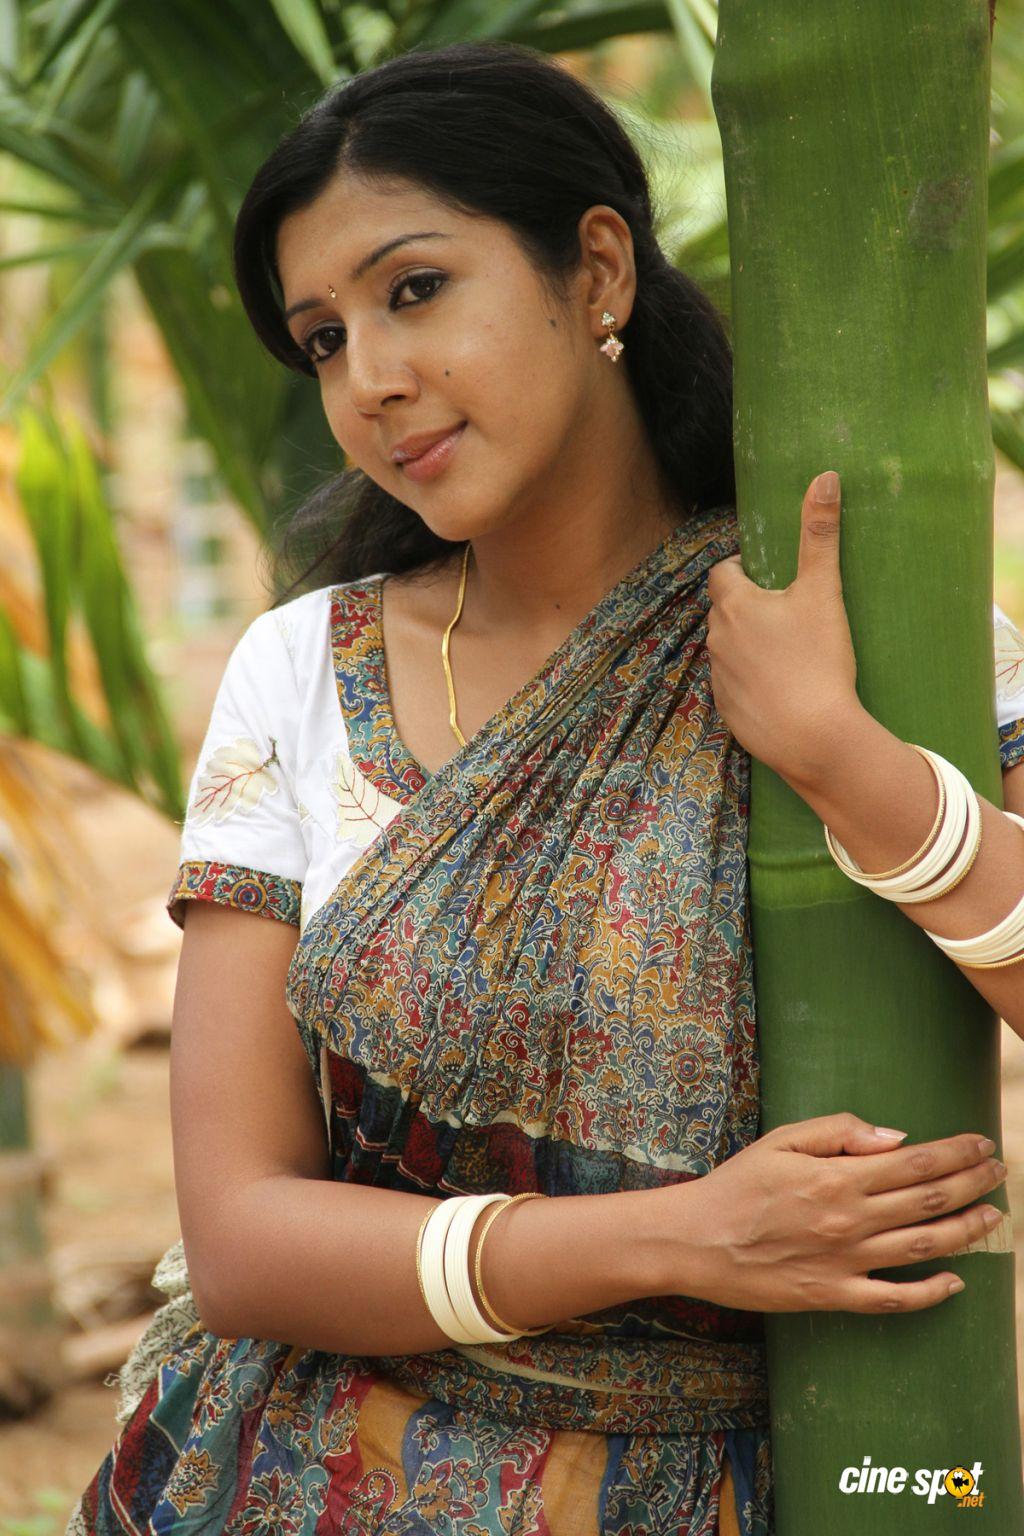 Hot Pics Of Mallu Serial Actresses - nitroinno